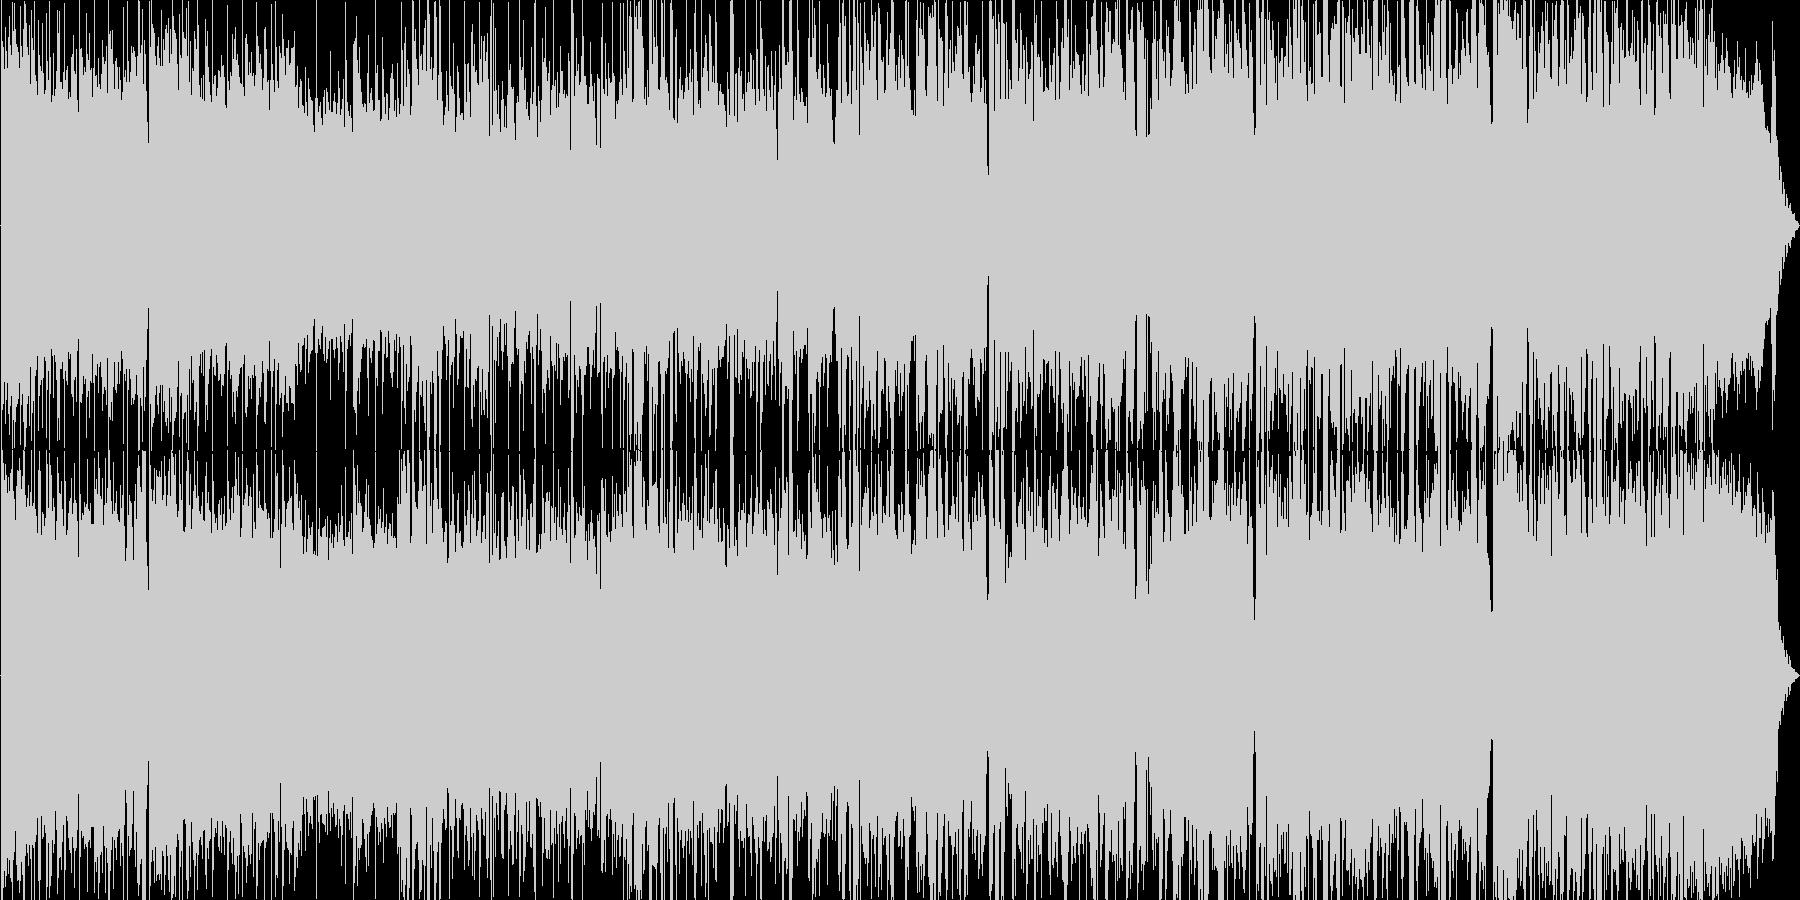 アイドル系ポップロックなボーカル曲です。の未再生の波形